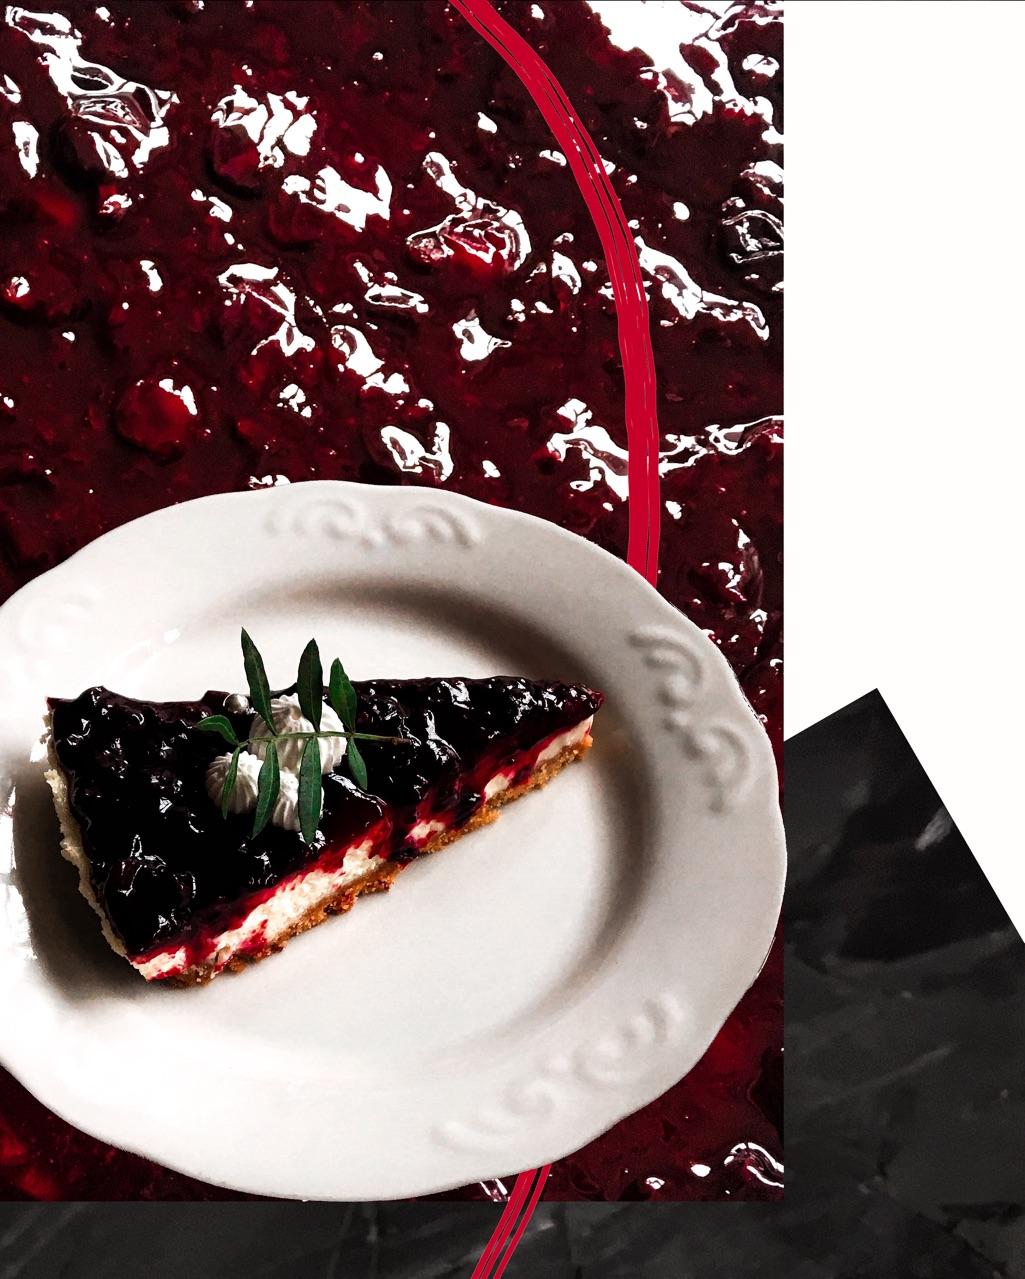 """Лимонный тарт, чизкейк и торт """"Единорог"""" от 25 руб/от 1400 г в кондитерской """"Leon"""""""